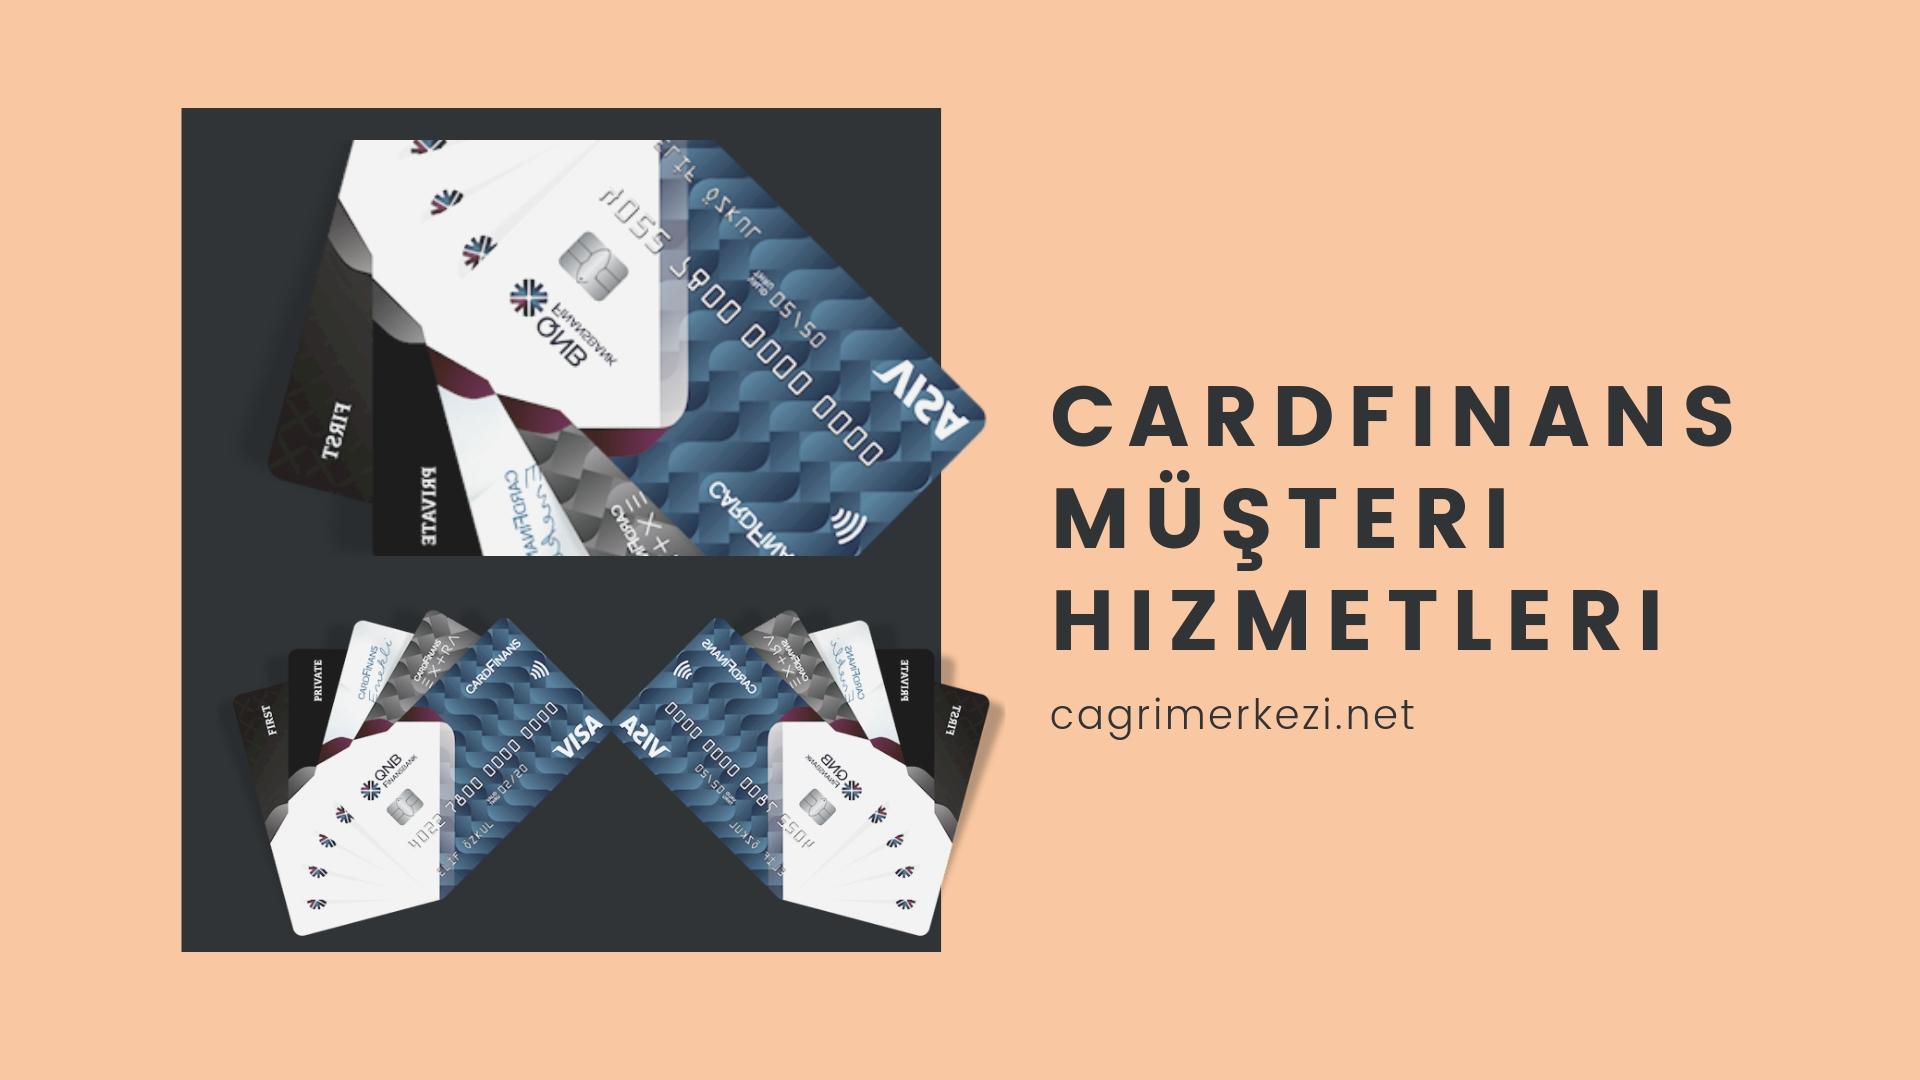 Cardfinans Müşteri Hizmetleri